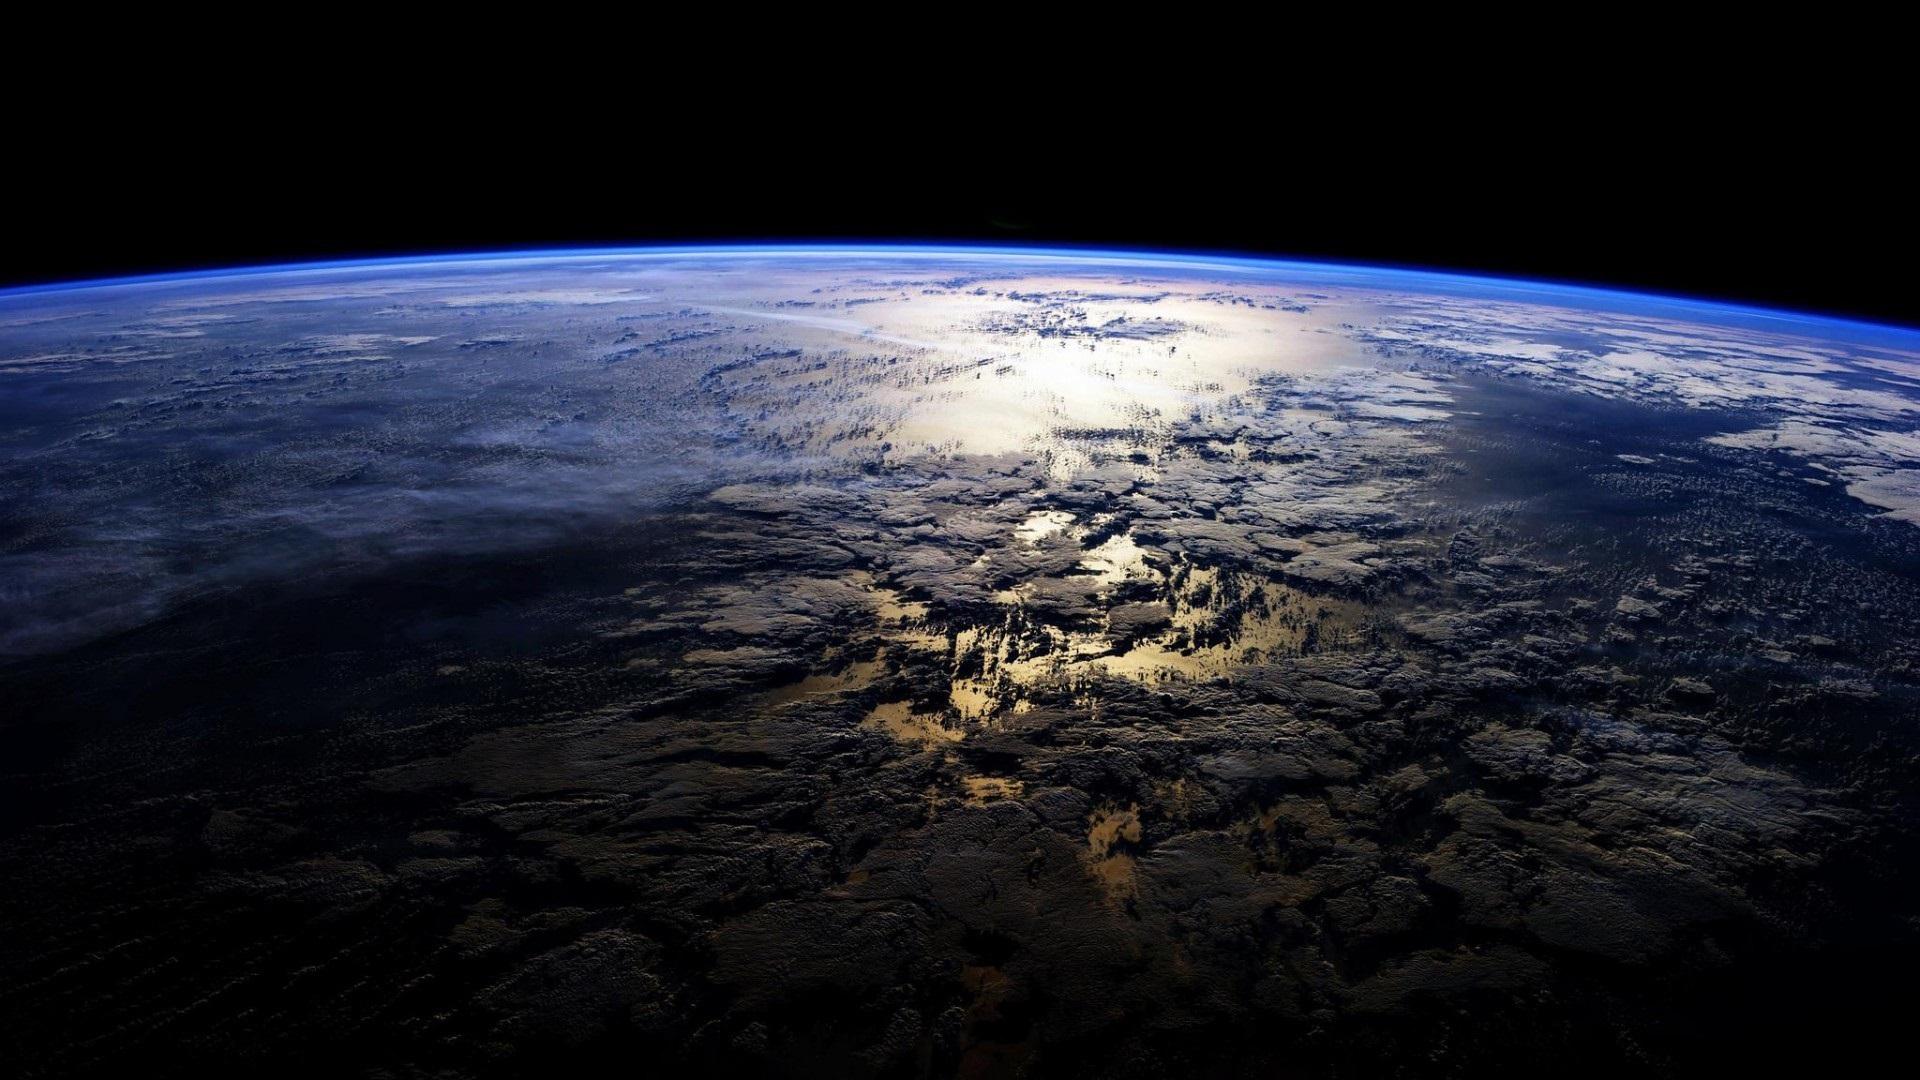 Fonds Décran Planète Terre Surface Atmosphère 1920x1080 Full Hd